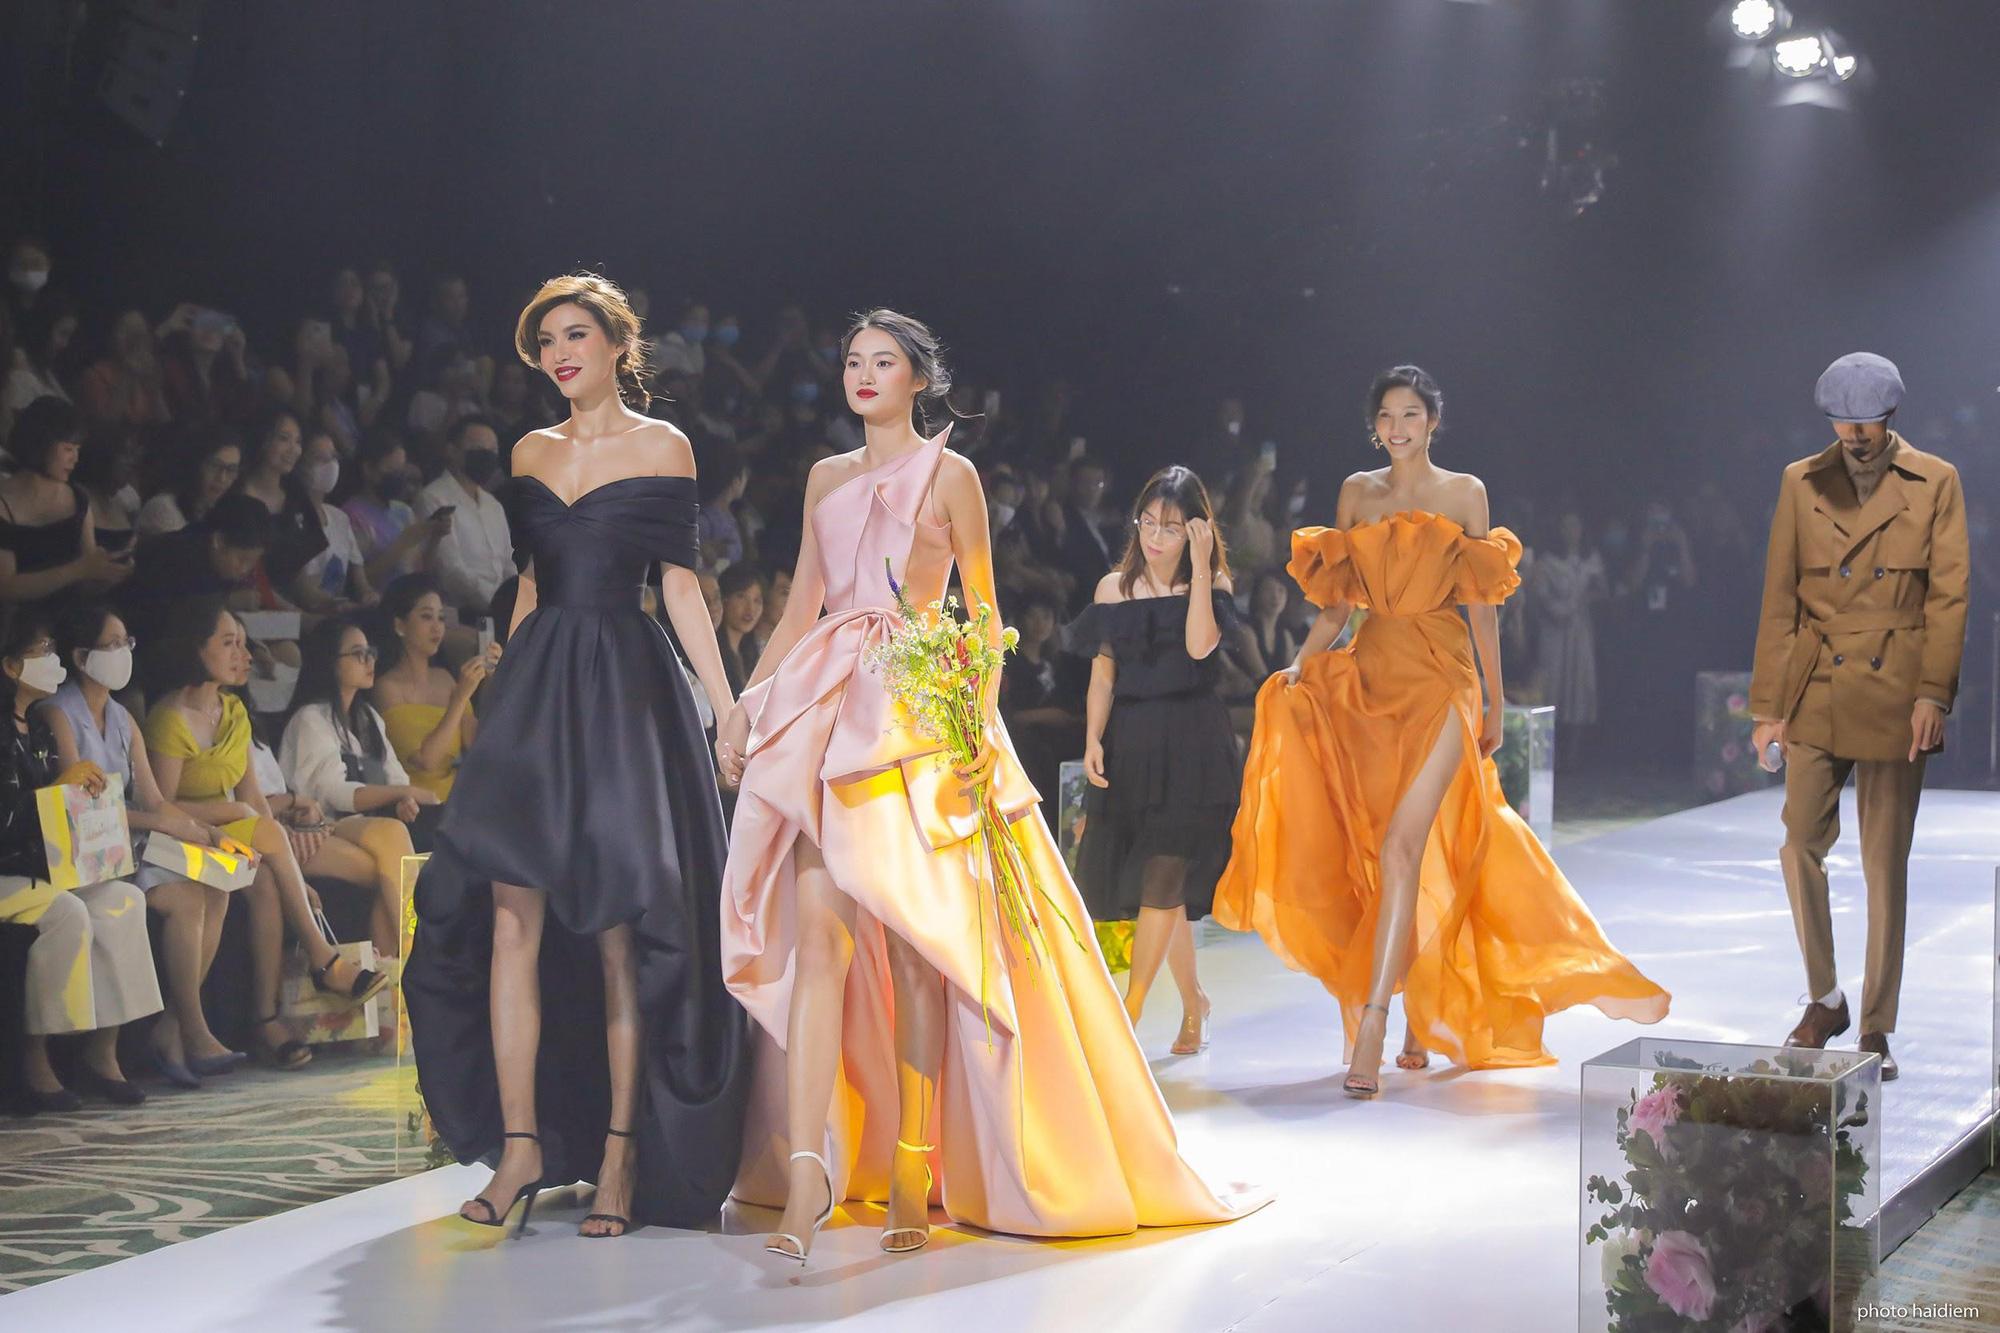 5 điểm nhấn đắt giá trong show diễn tràn đầy đam mê của IVY moda - Ảnh 2.